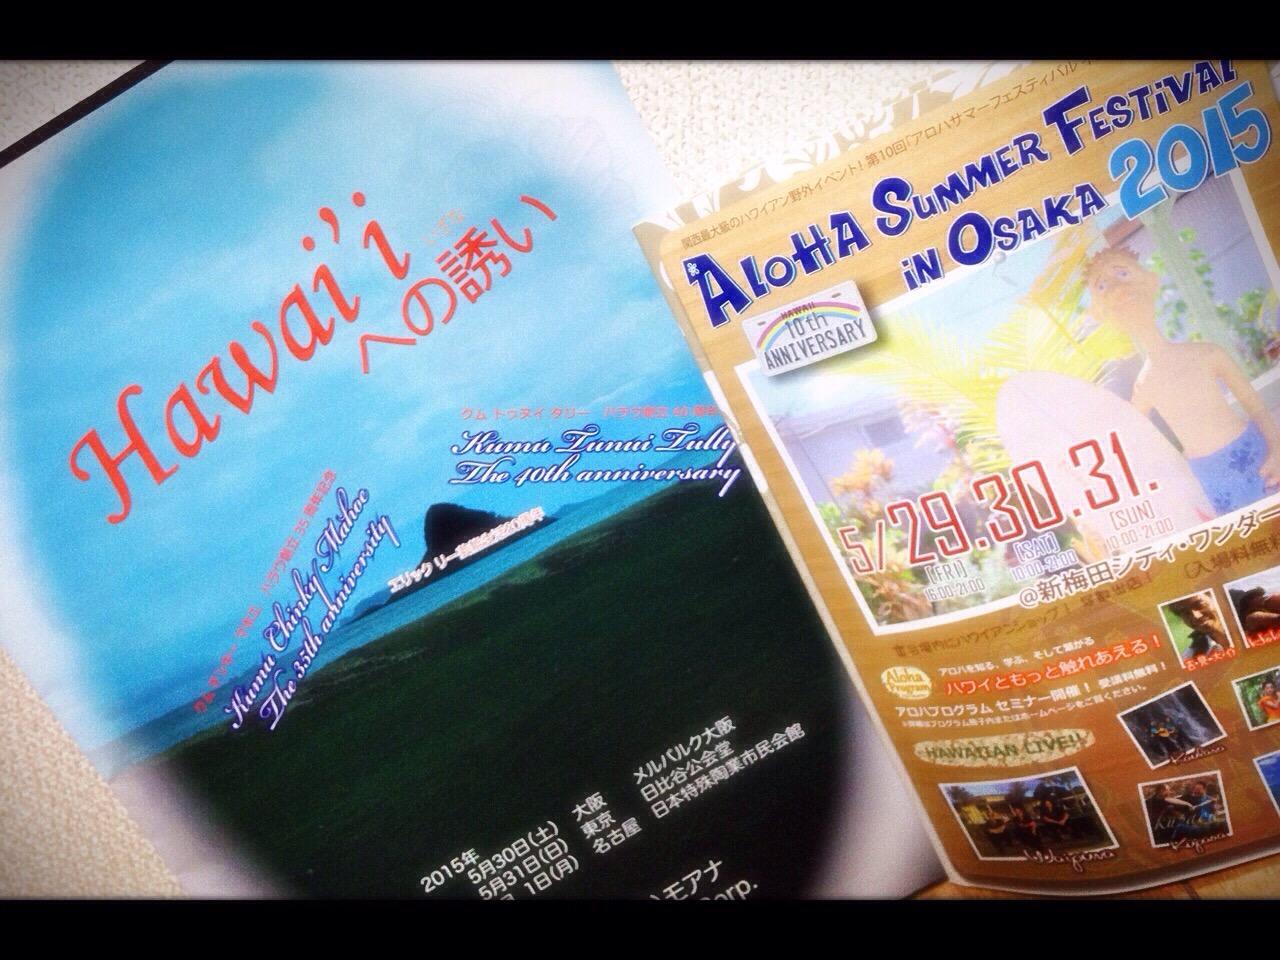 20150531-011750.jpg